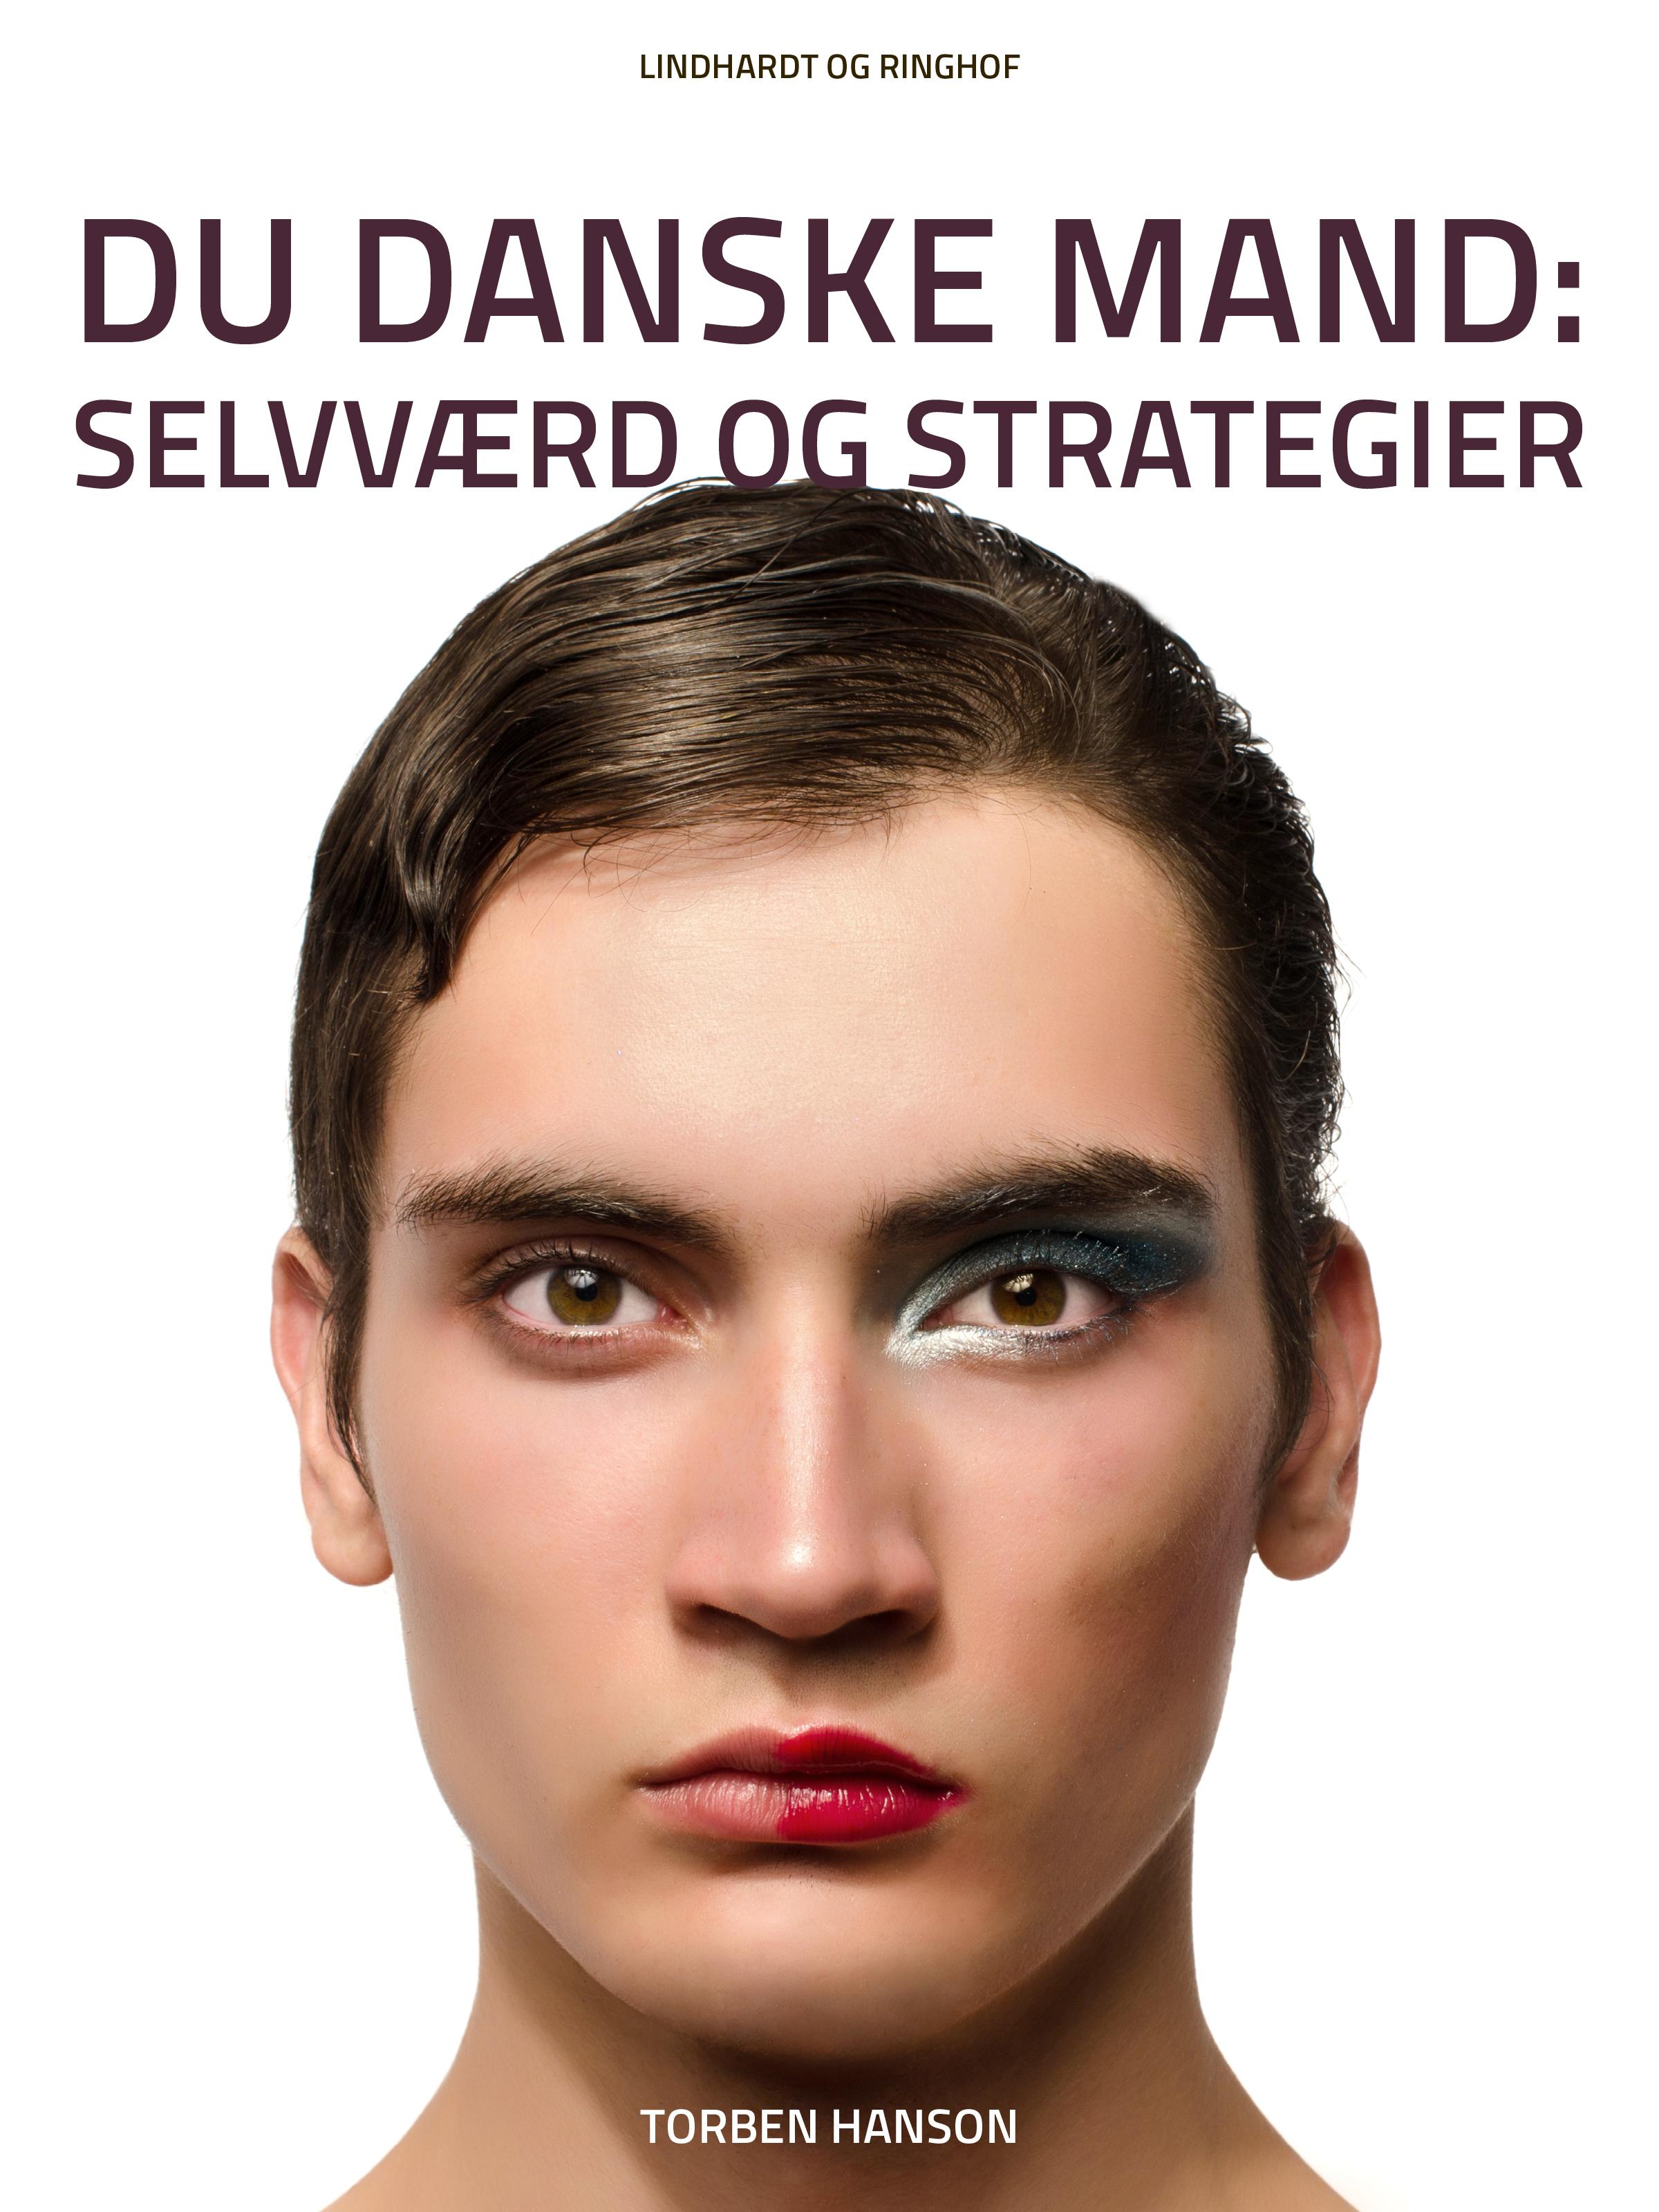 Du danske mand: Selvværd og strategier - E-bog